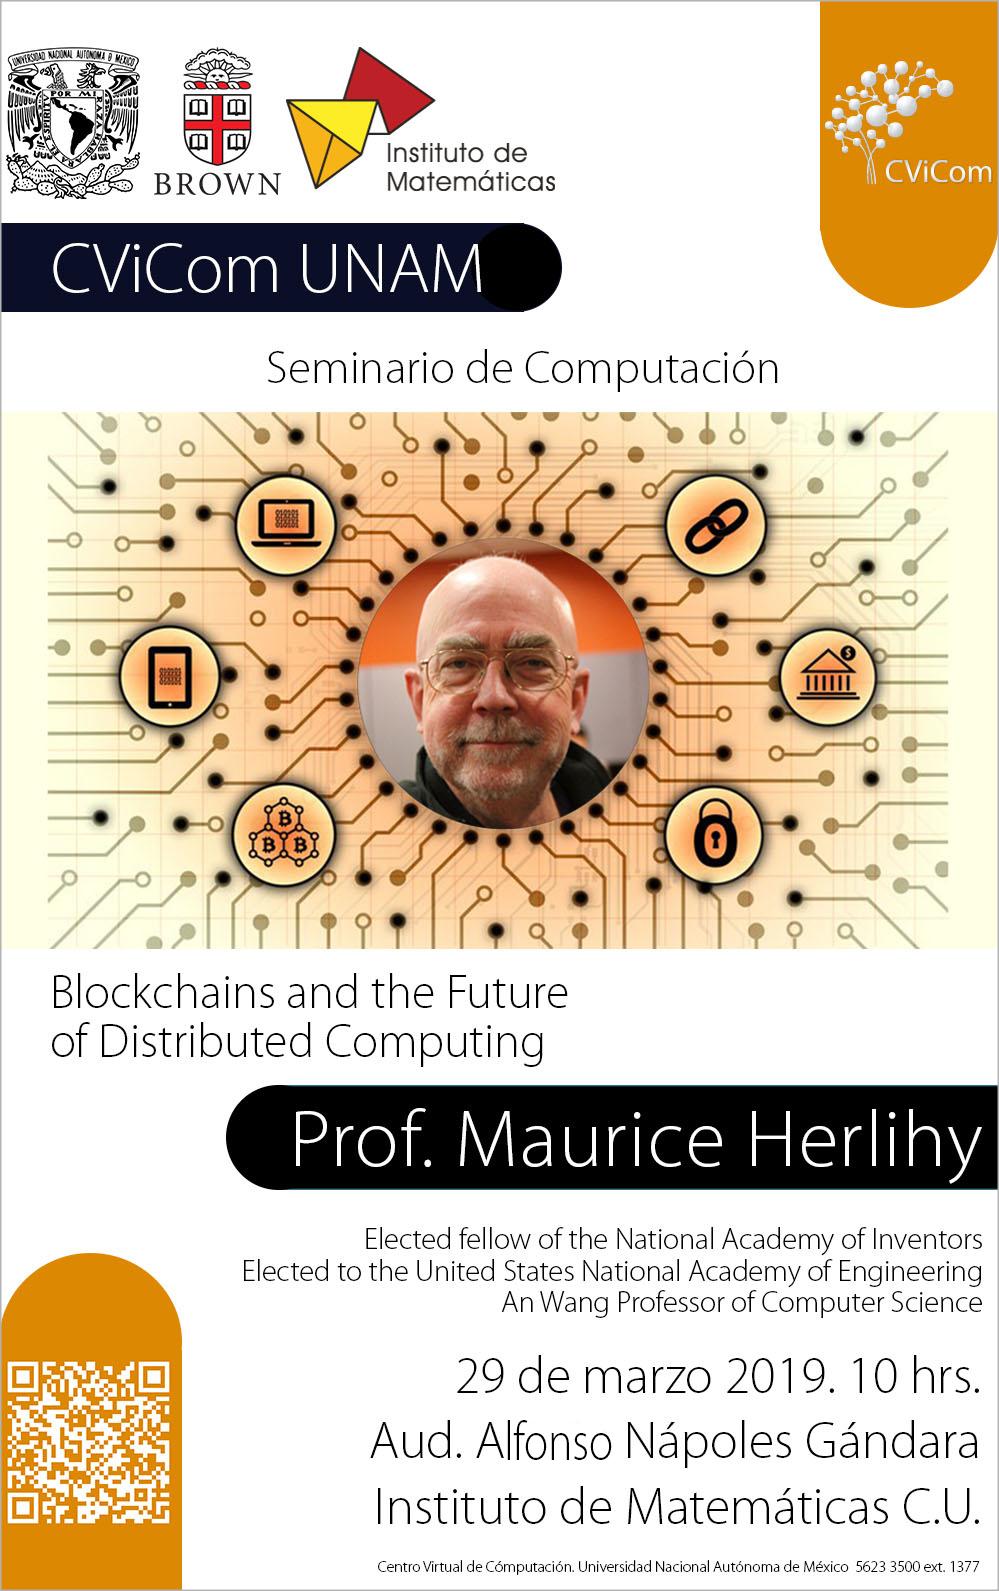 CViCom UNAM: Seminario de Computación